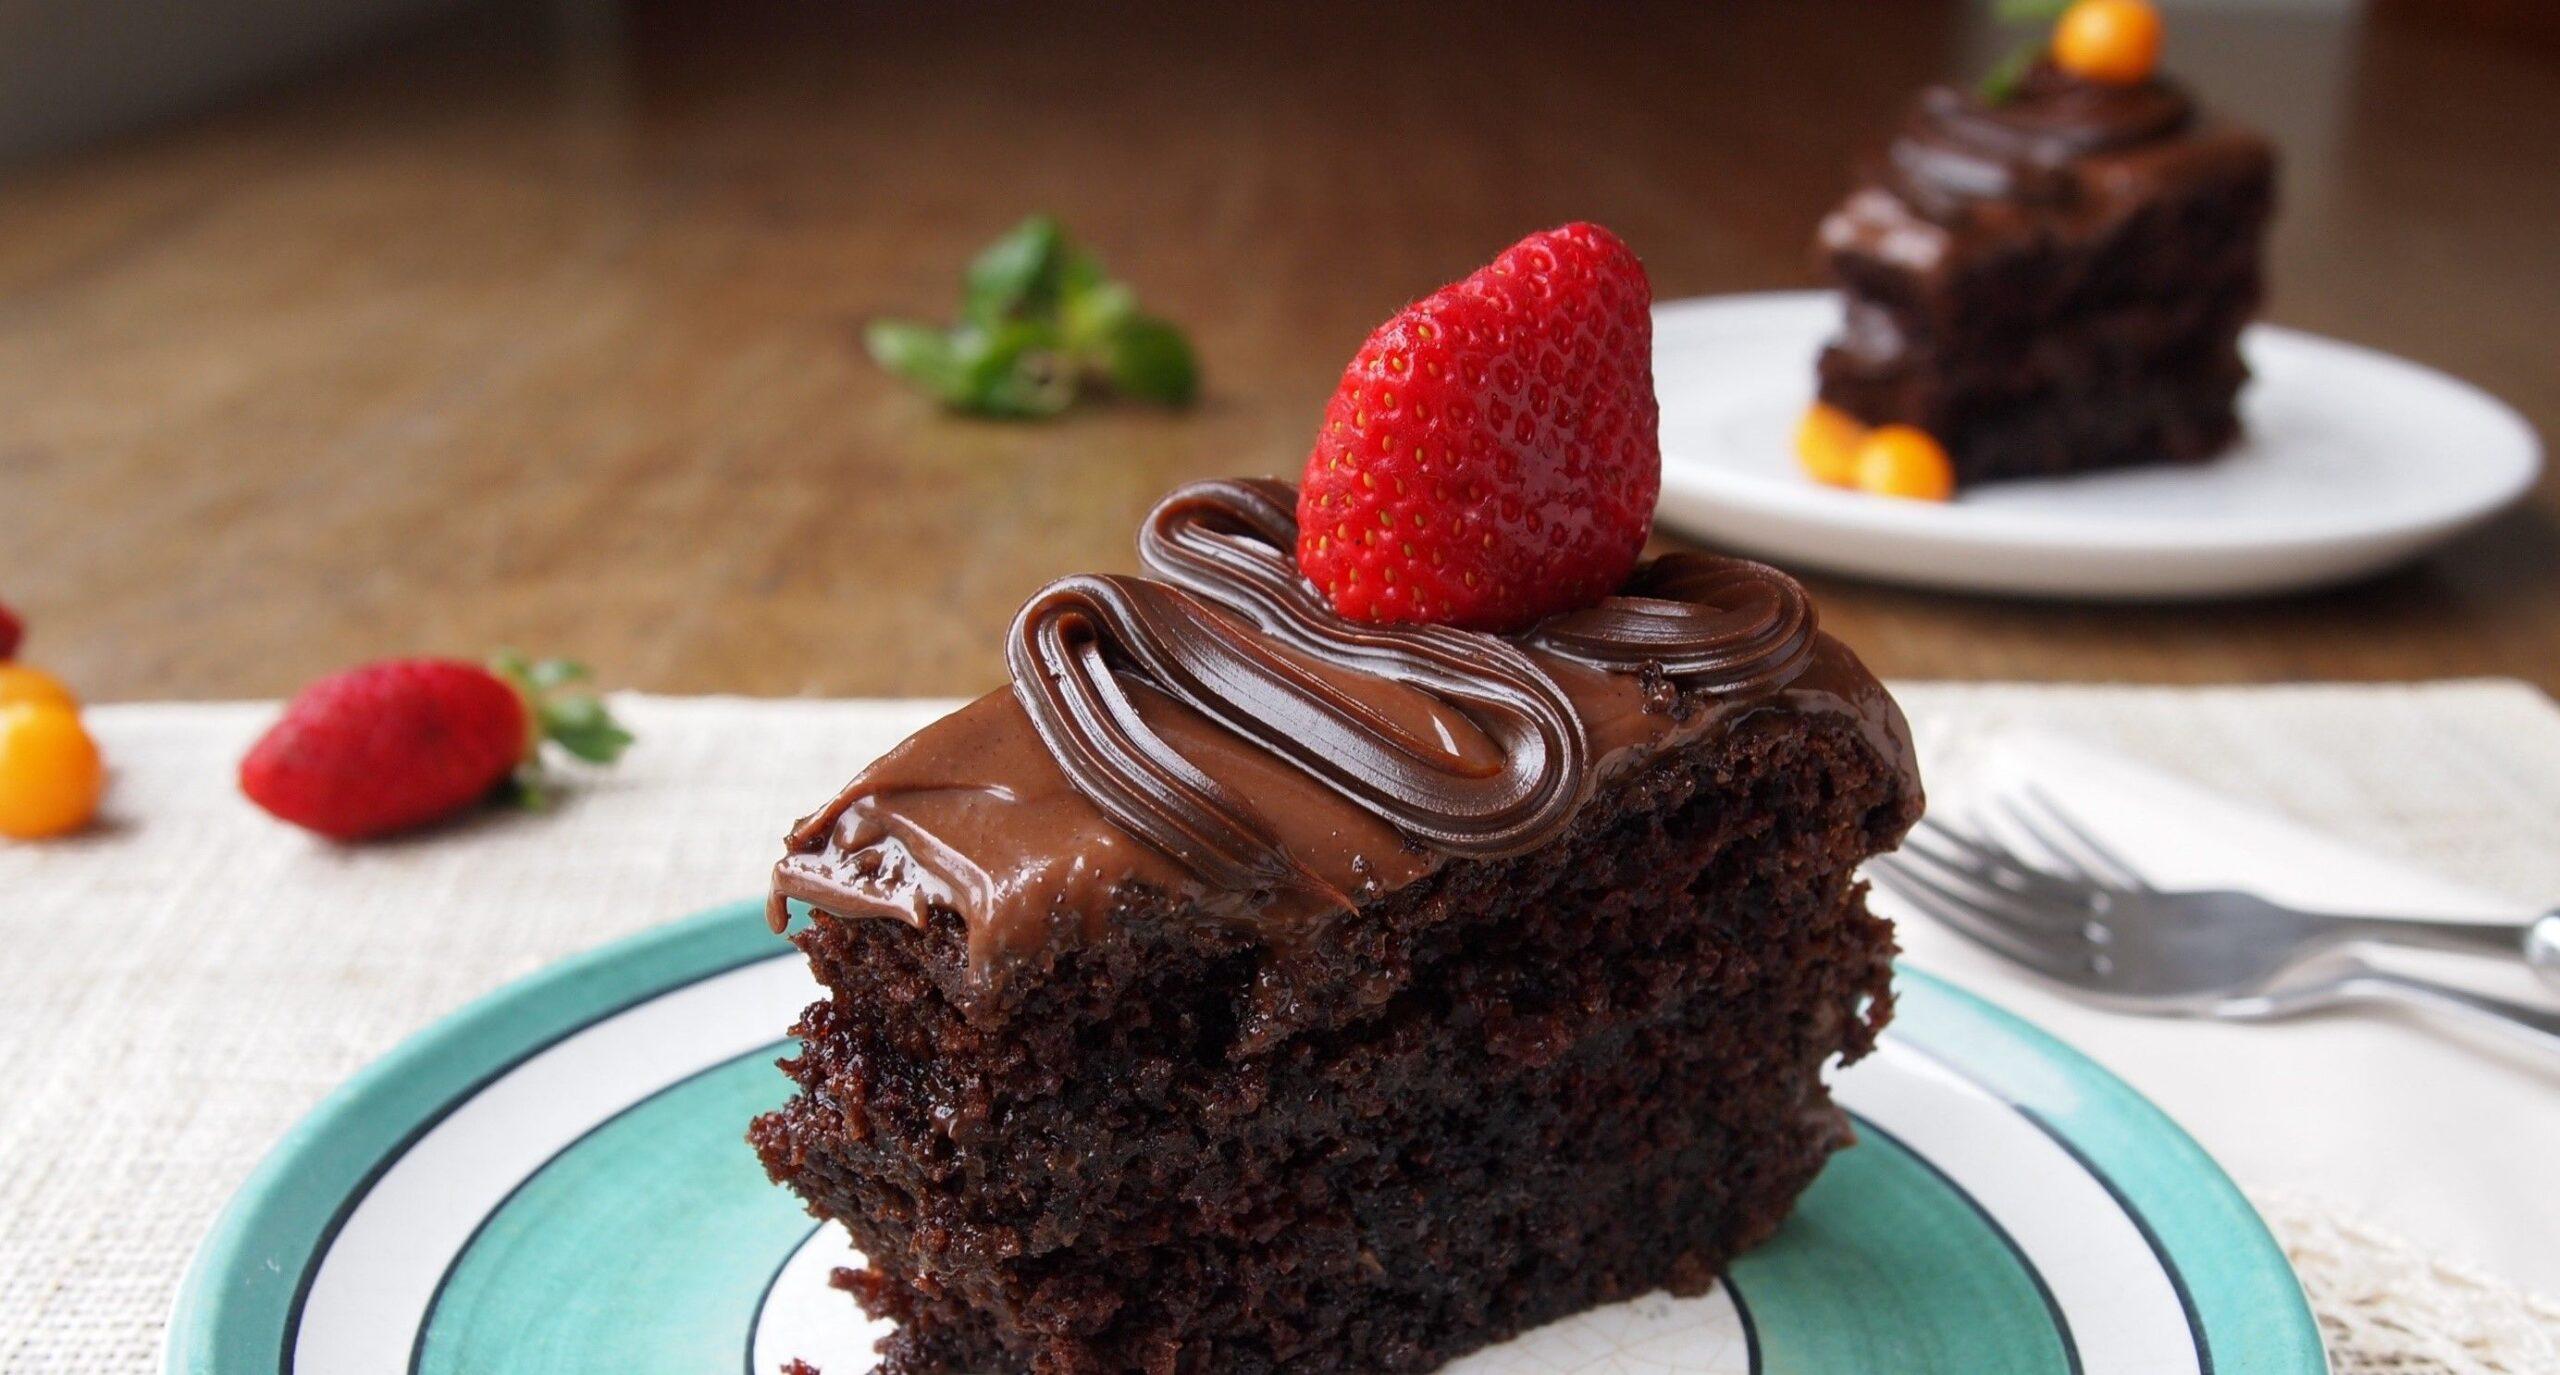 Buone notizie: mangiare una fetta di torta al ciccolato la mattina fa bene